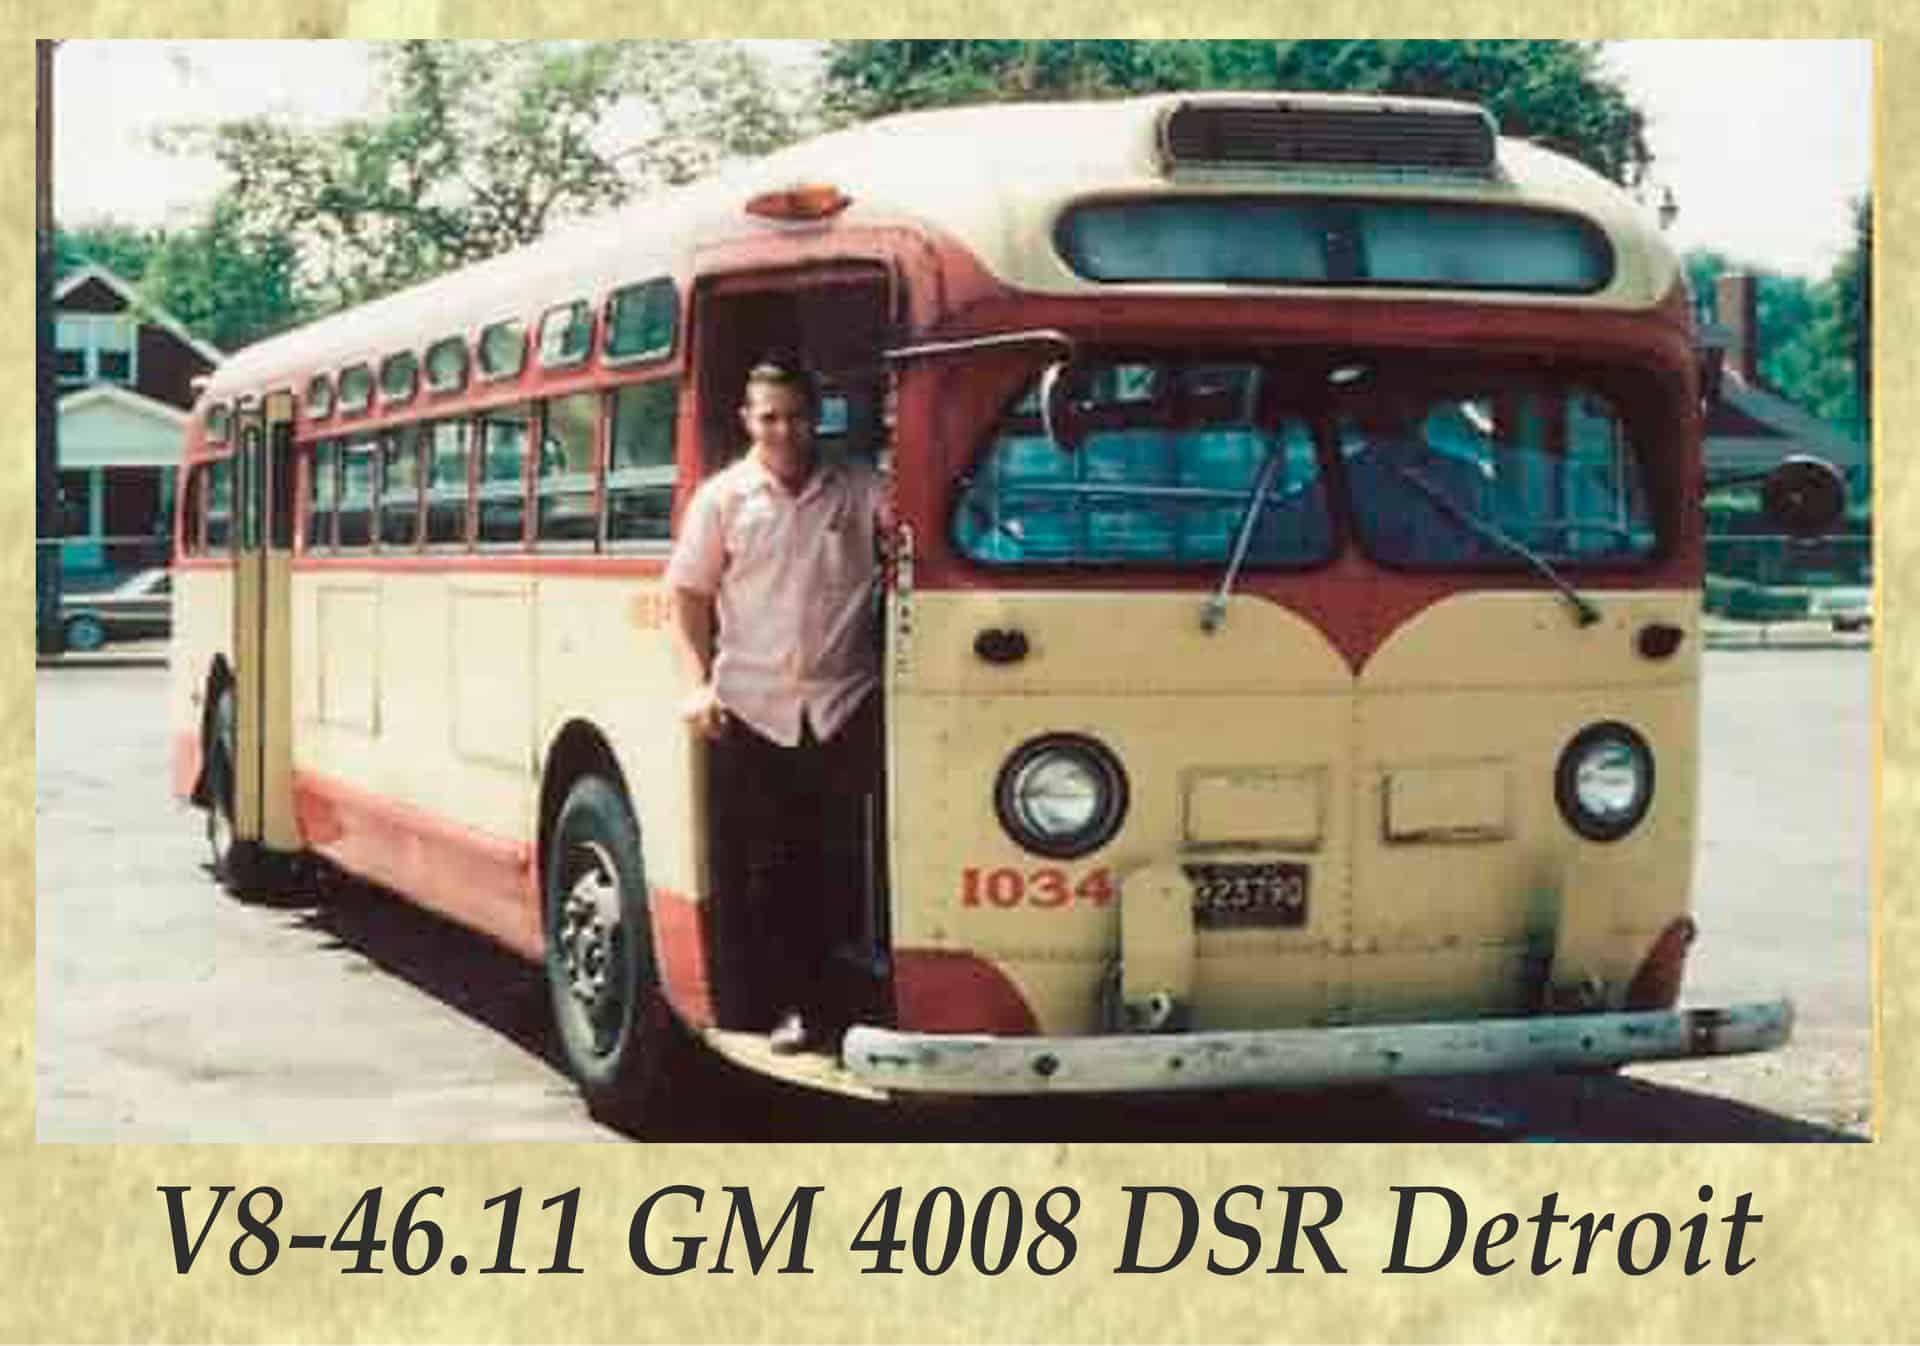 V8-46.11 GM 4008 DSR Detroit